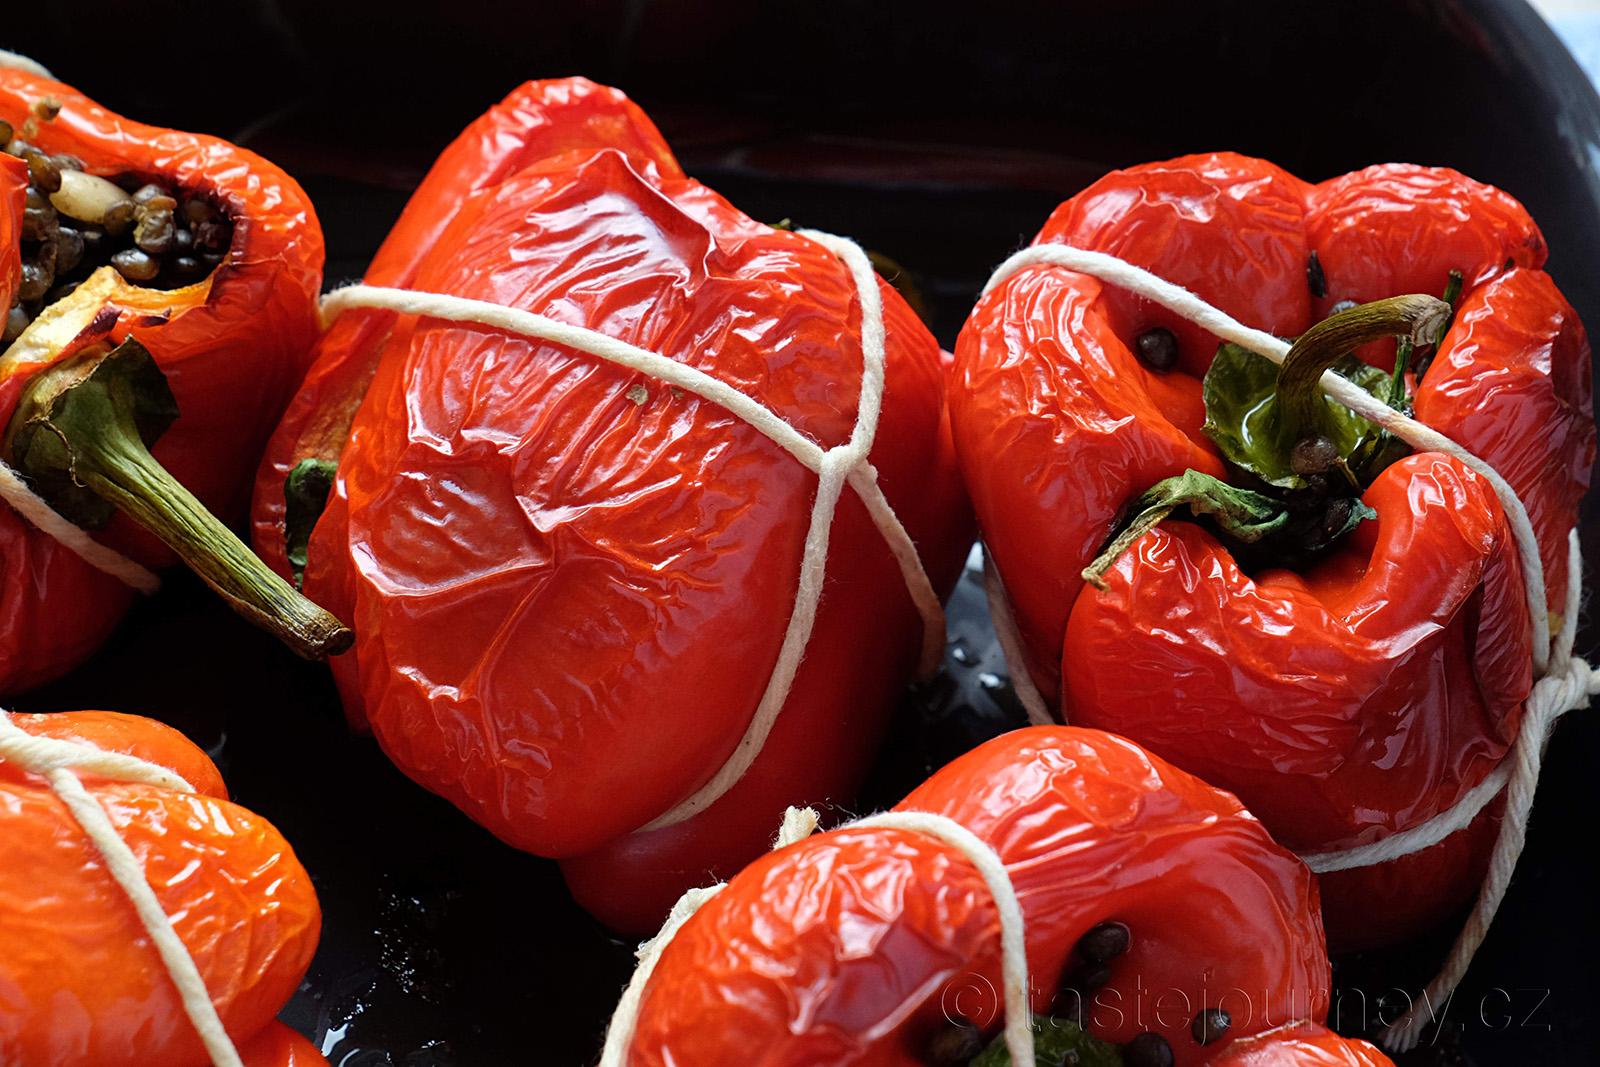 Plněné a zapečené papriky jinak než je známe, bez masa jako vegetariánský pokrm